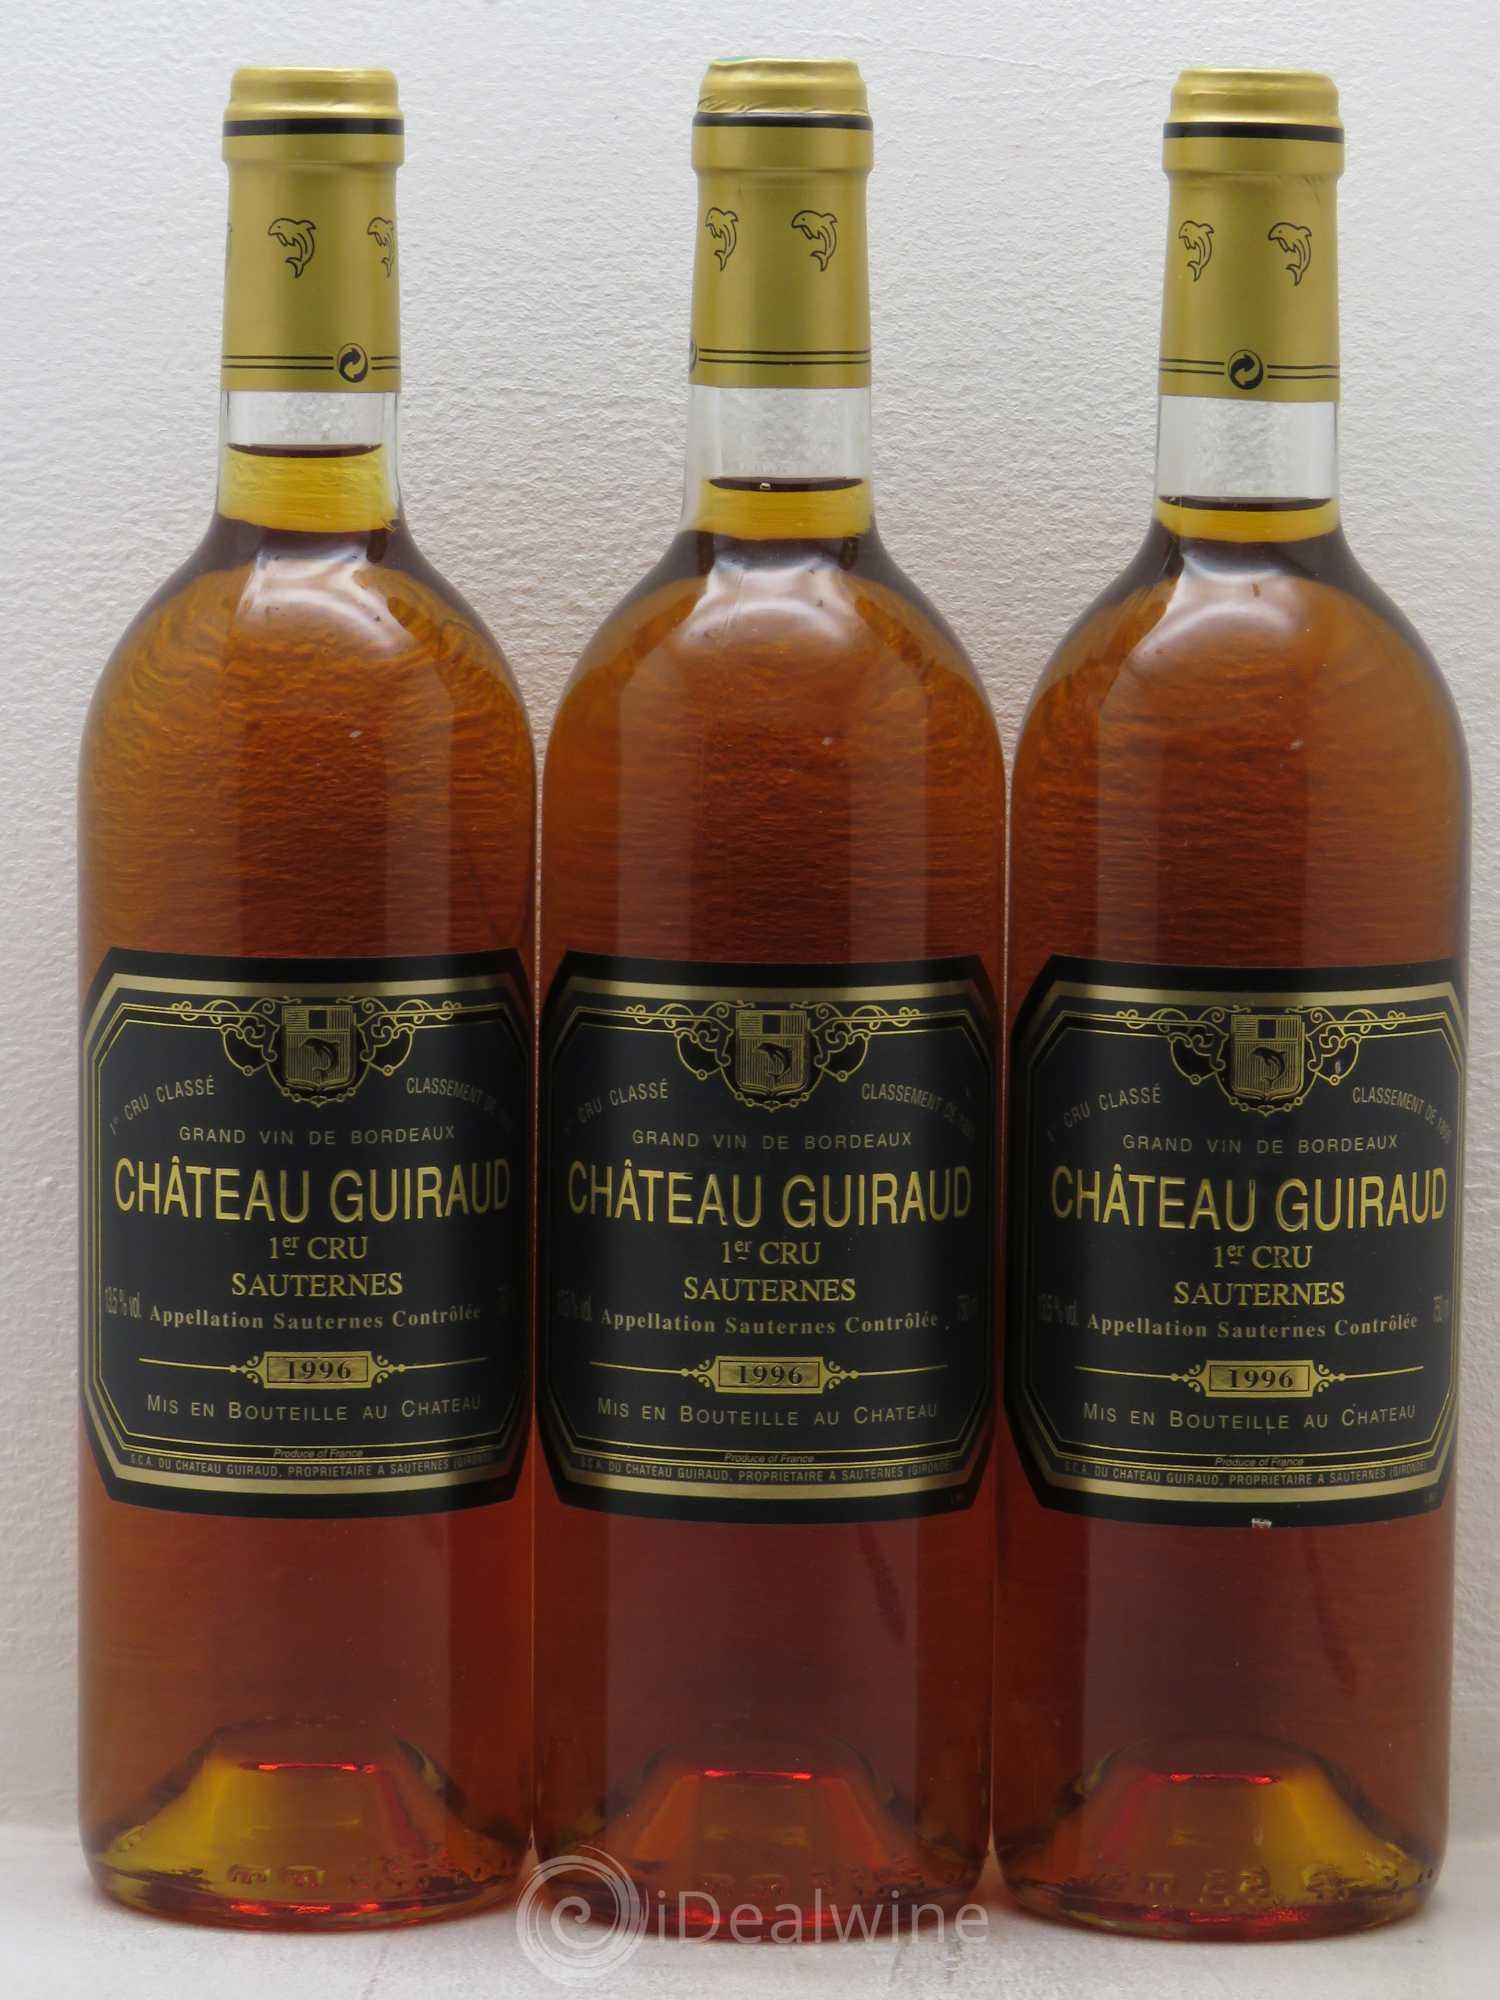 Chteau Guiraud 1er Grand Cru Class 1996